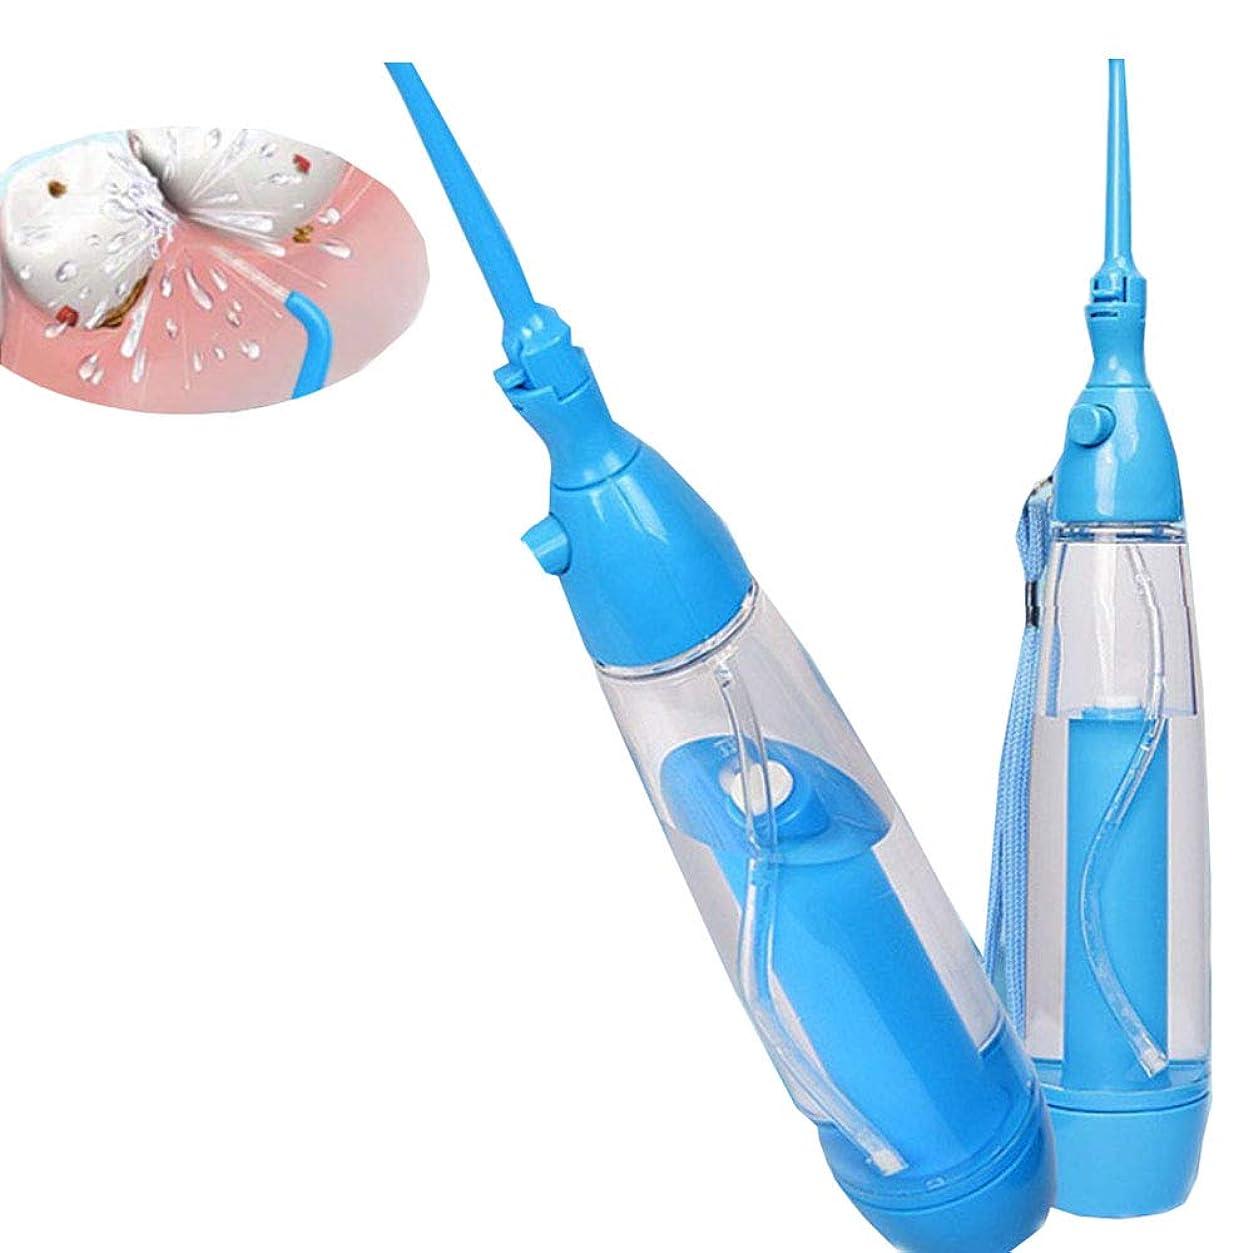 リンス後者温室歯のクリーナー 赤い歯 手動空気圧 ポータブル 洗濯機 口腔 看護 プロの歯科用ウォータージェット コードレスニューモデル,Blue